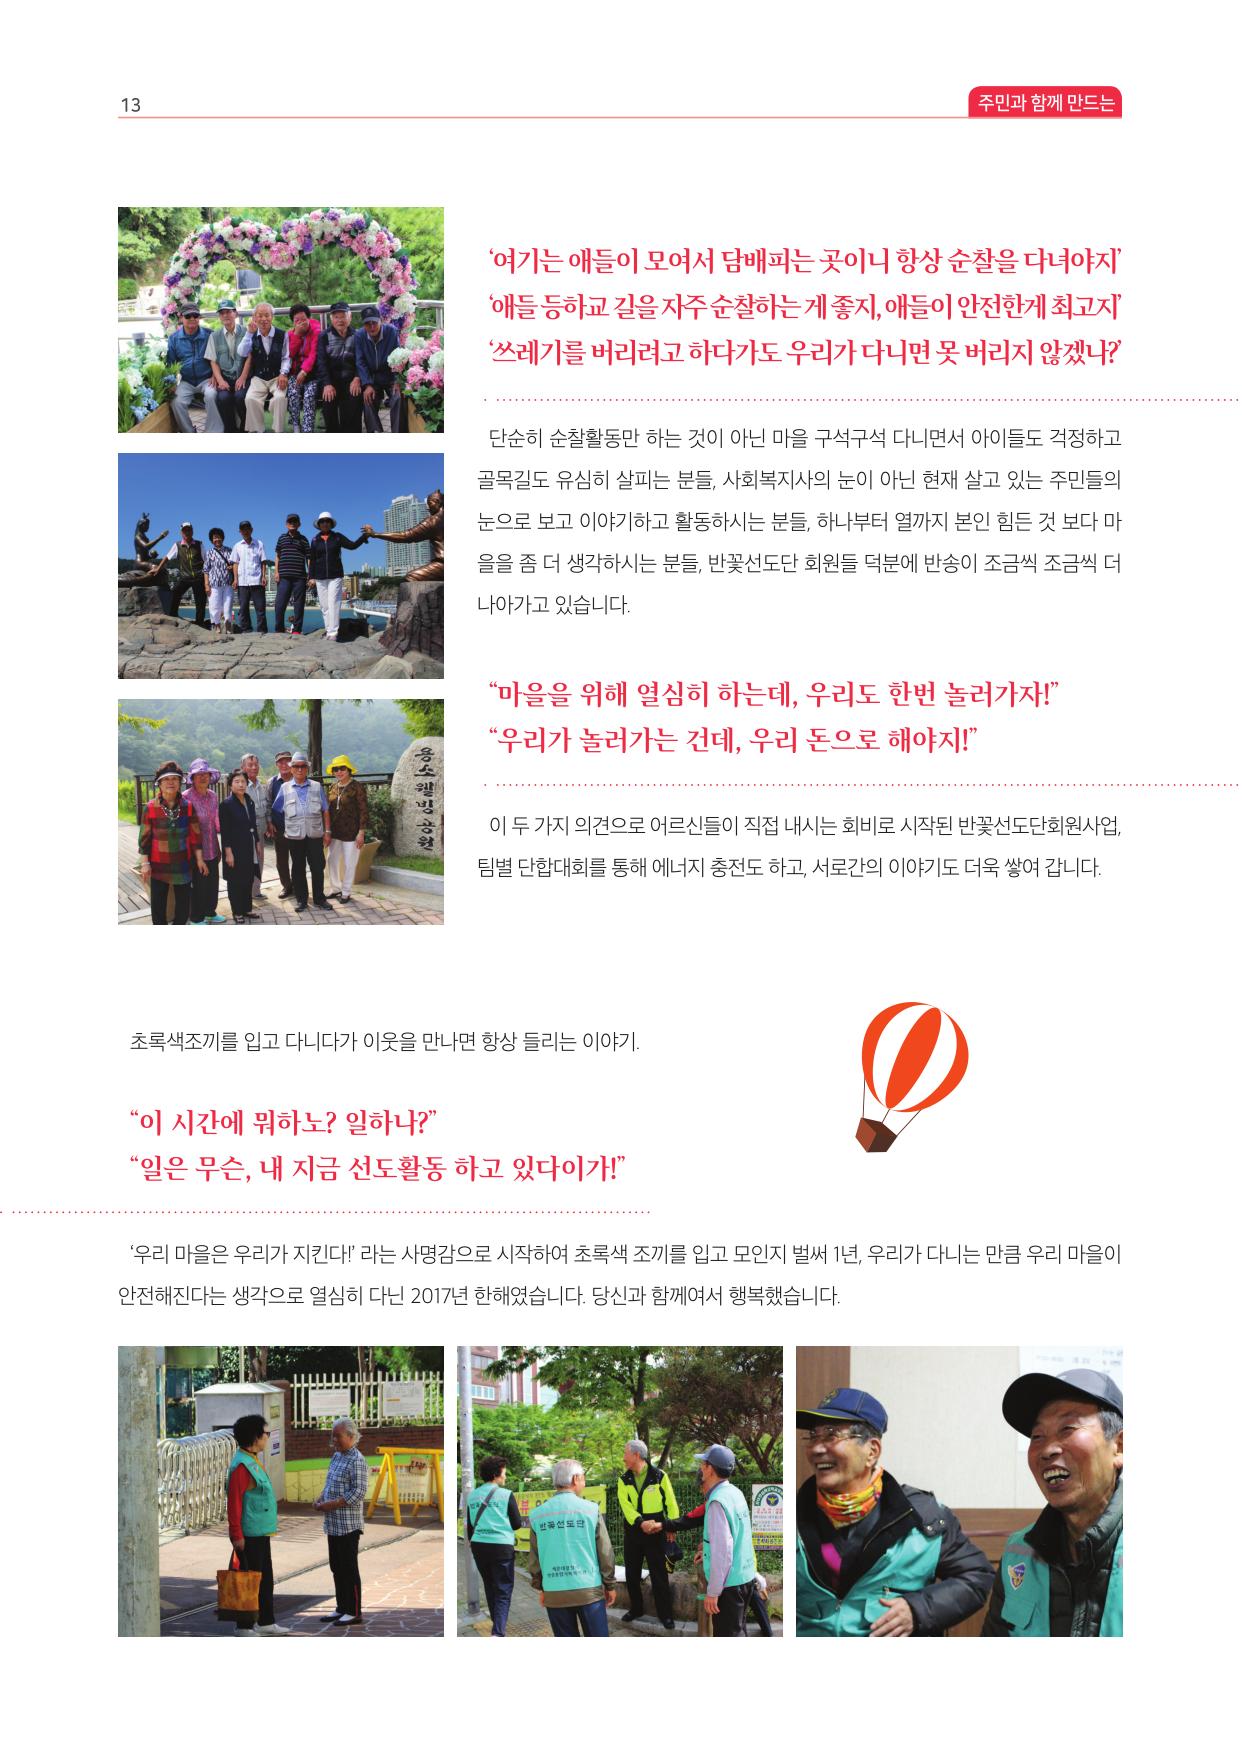 반송종합사회복지관연간소식지(2017)-13.jpg